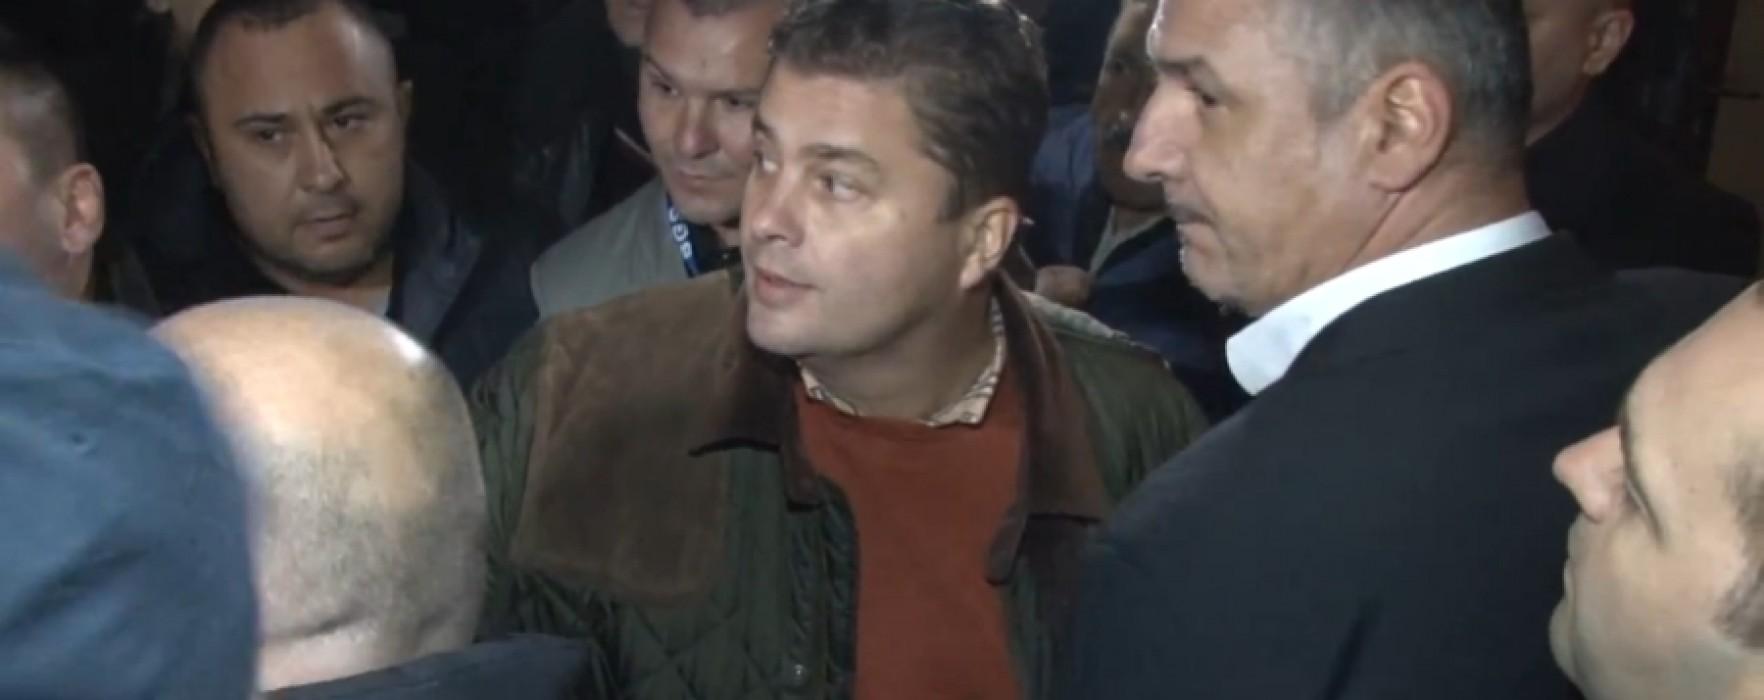 Conducerea PDL Dâmboviţa cere excluderea deputatului Florin Popescu din partid